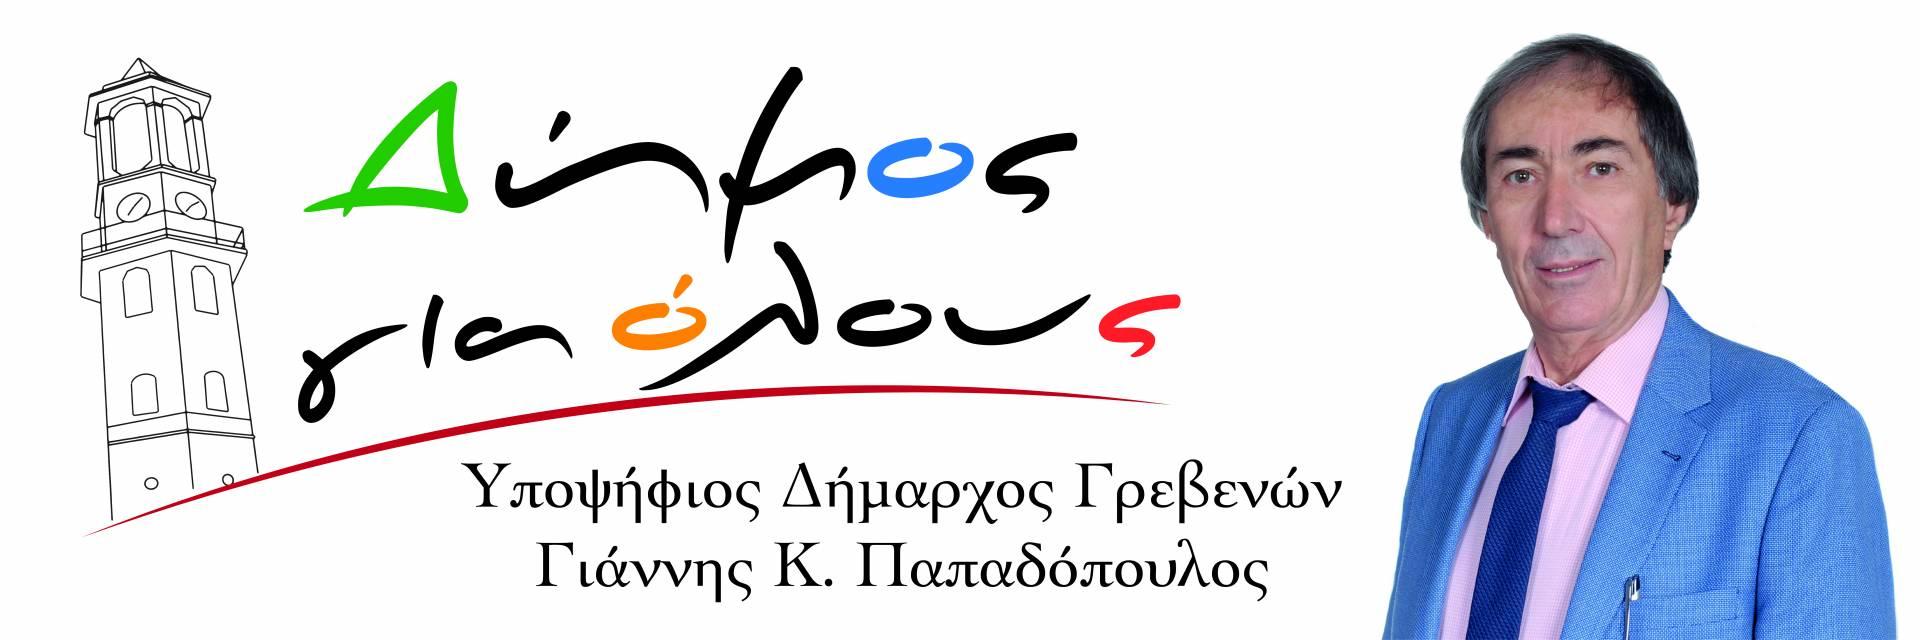 Δήμος Για Όλους: Αυτό είναι το πρόγραμμα μας και οι δεσμεύσεις μας απέναντι στους πολίτες του Δήμου Γρεβενών